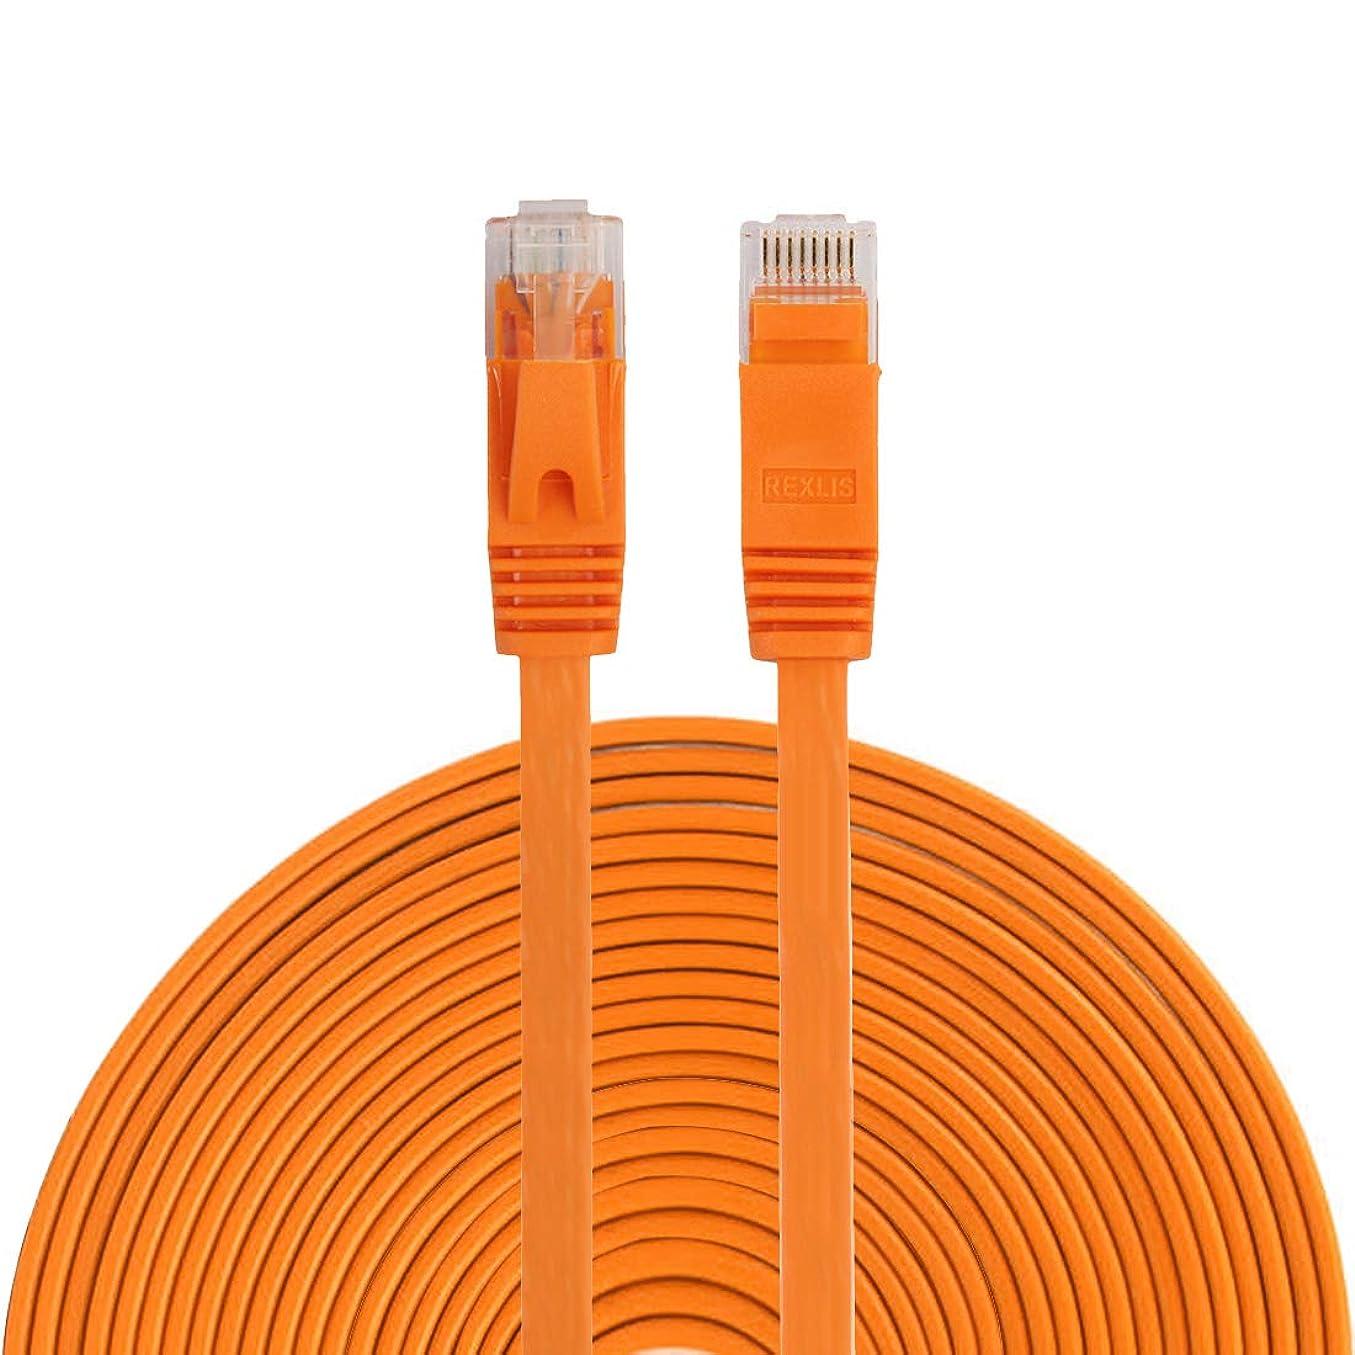 したい干し草決してWTYD コンピューターネットワークアクセサリー 15m CAT6超薄型フラット·イーサネット·ネットワークLANケーブル、パッチリードRJ45 コンピューターネットワーク用 (Color : オレンジ)